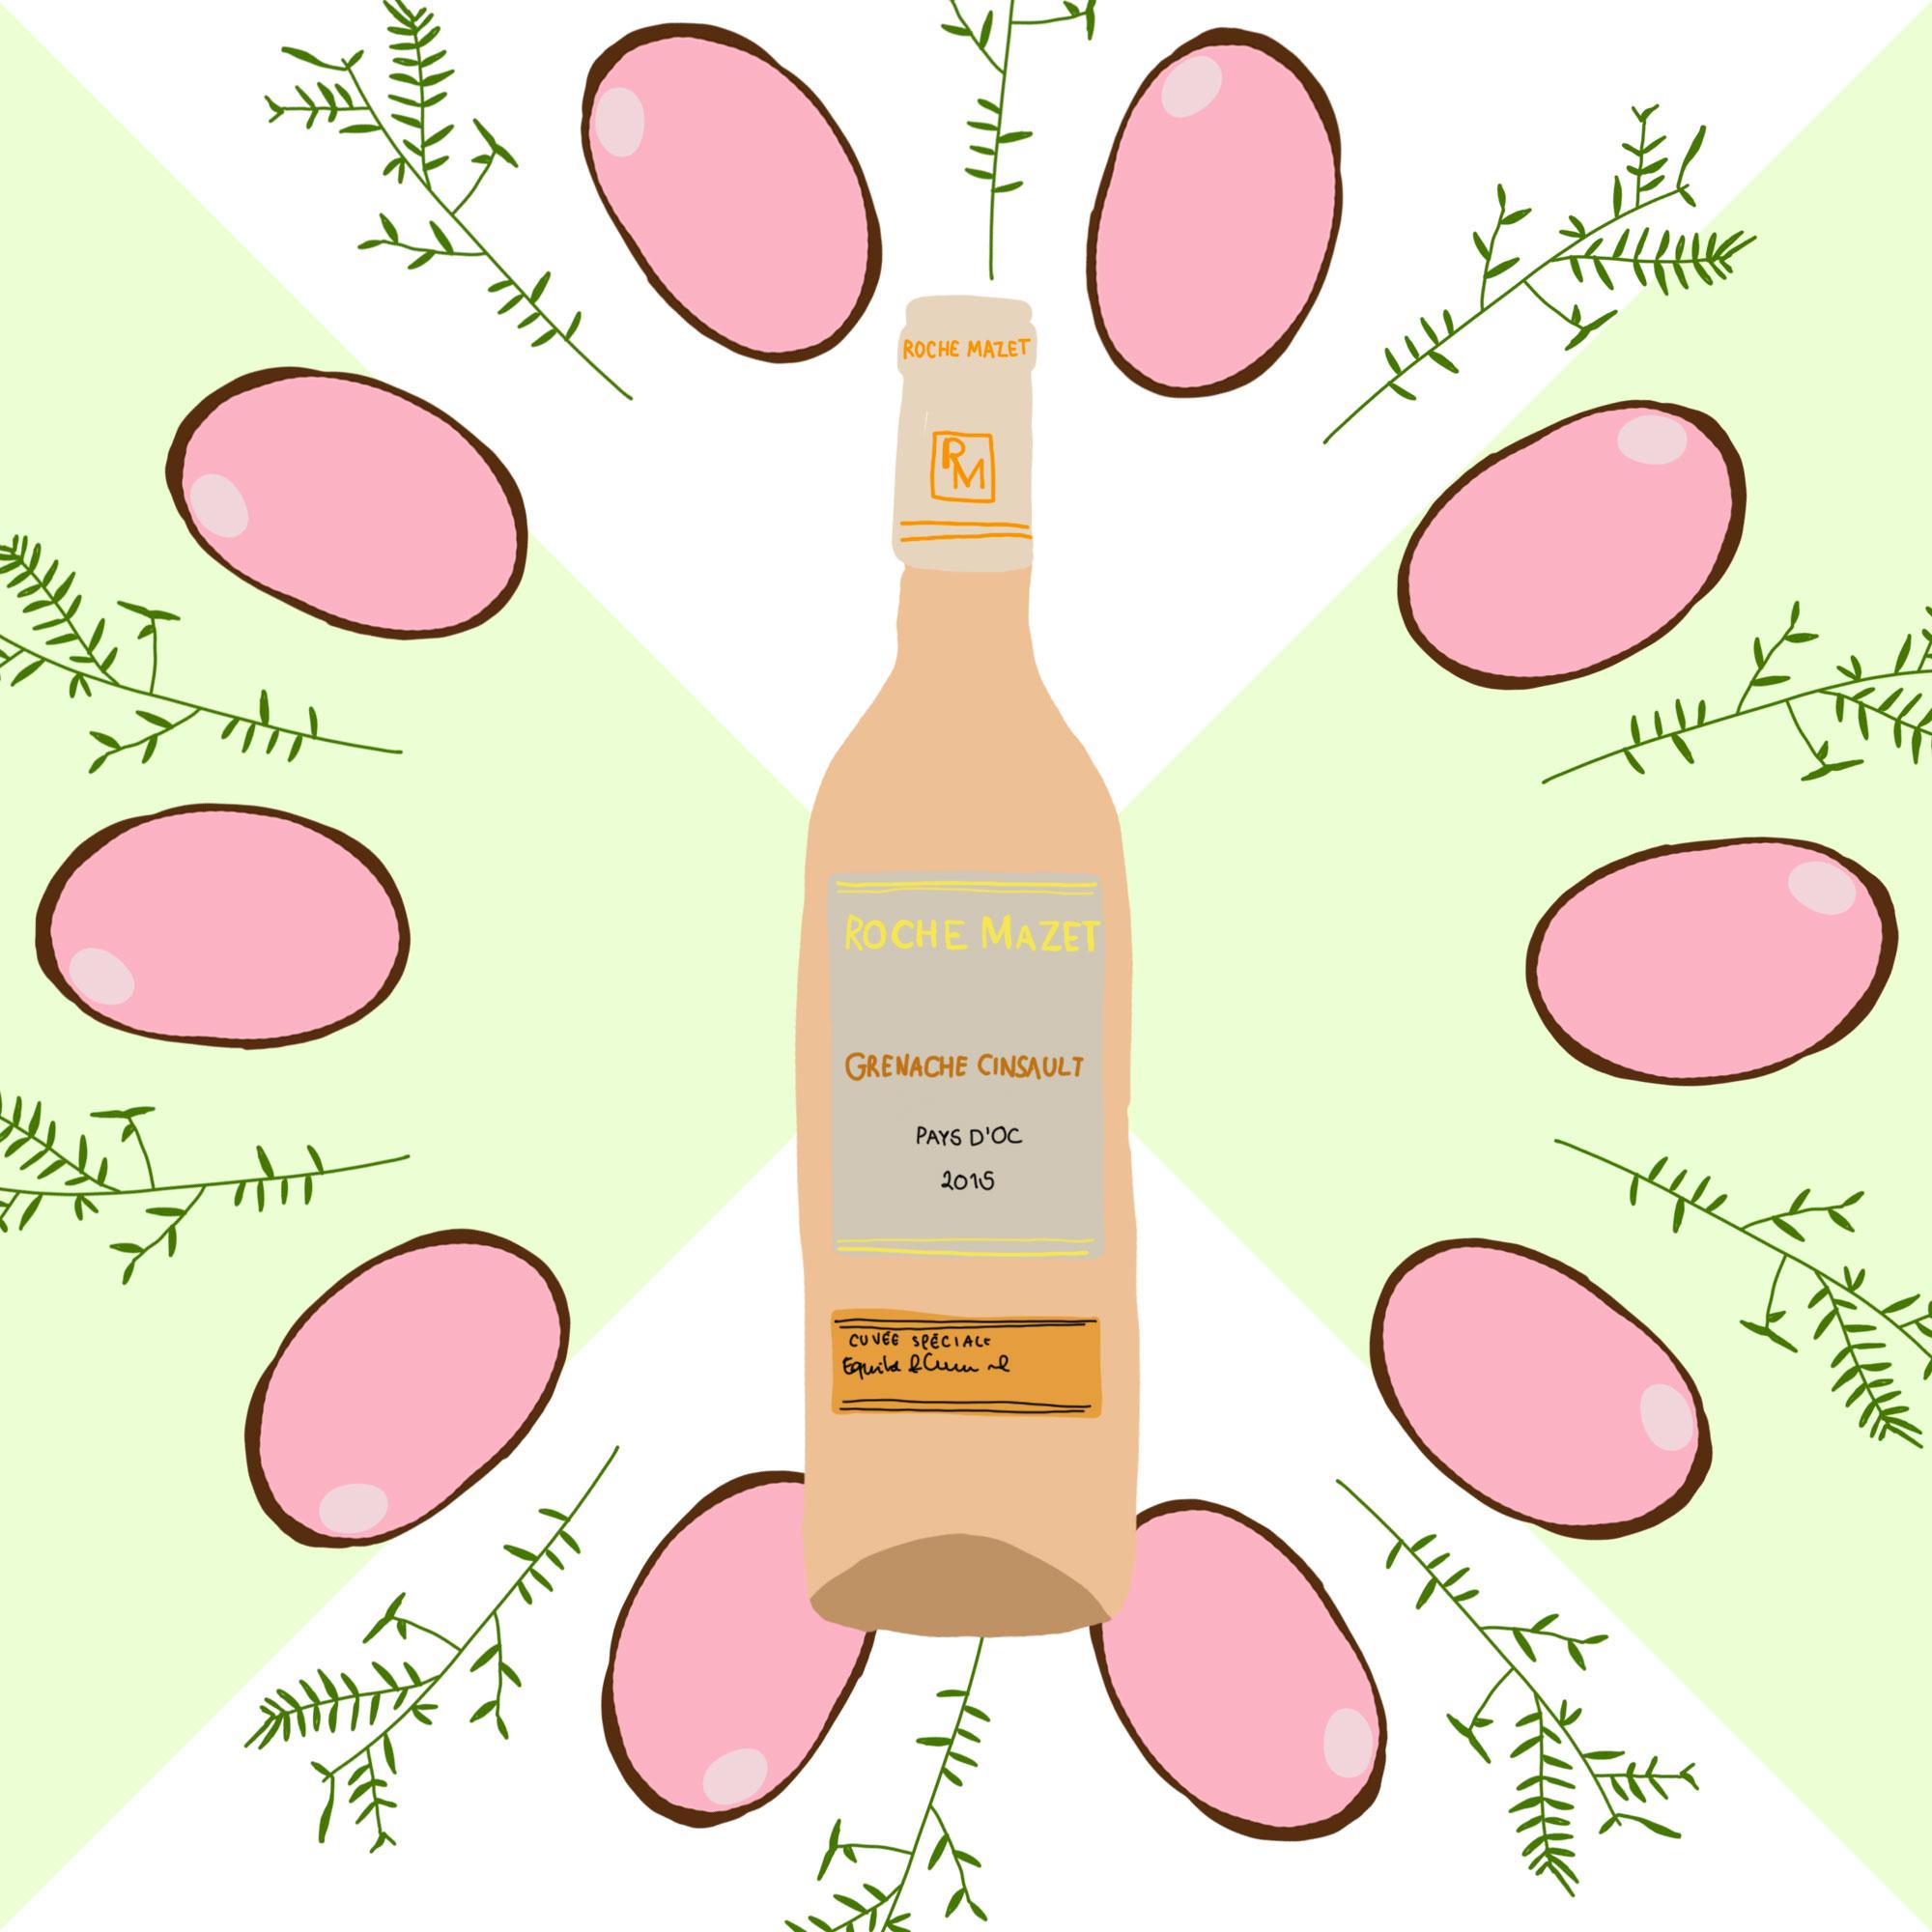 Grenache-cinsault - Quel vin pour quel plat ? - Elle à Table